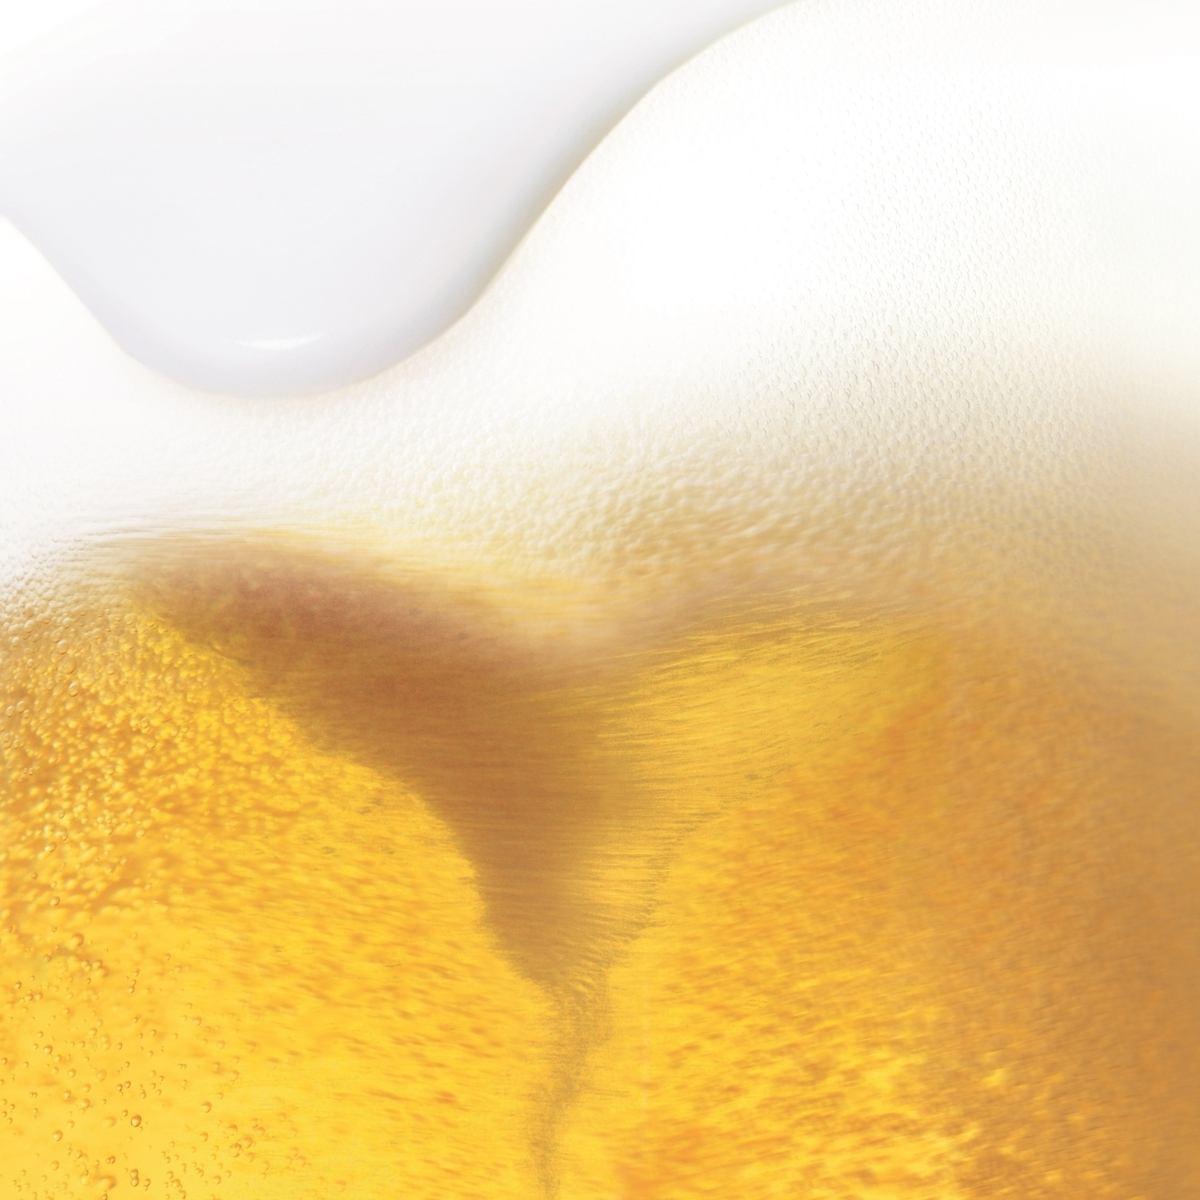 夏季限定!!サマーパラダイス★生ビール含むドリンク全品250円&串揚げ全品100円♪